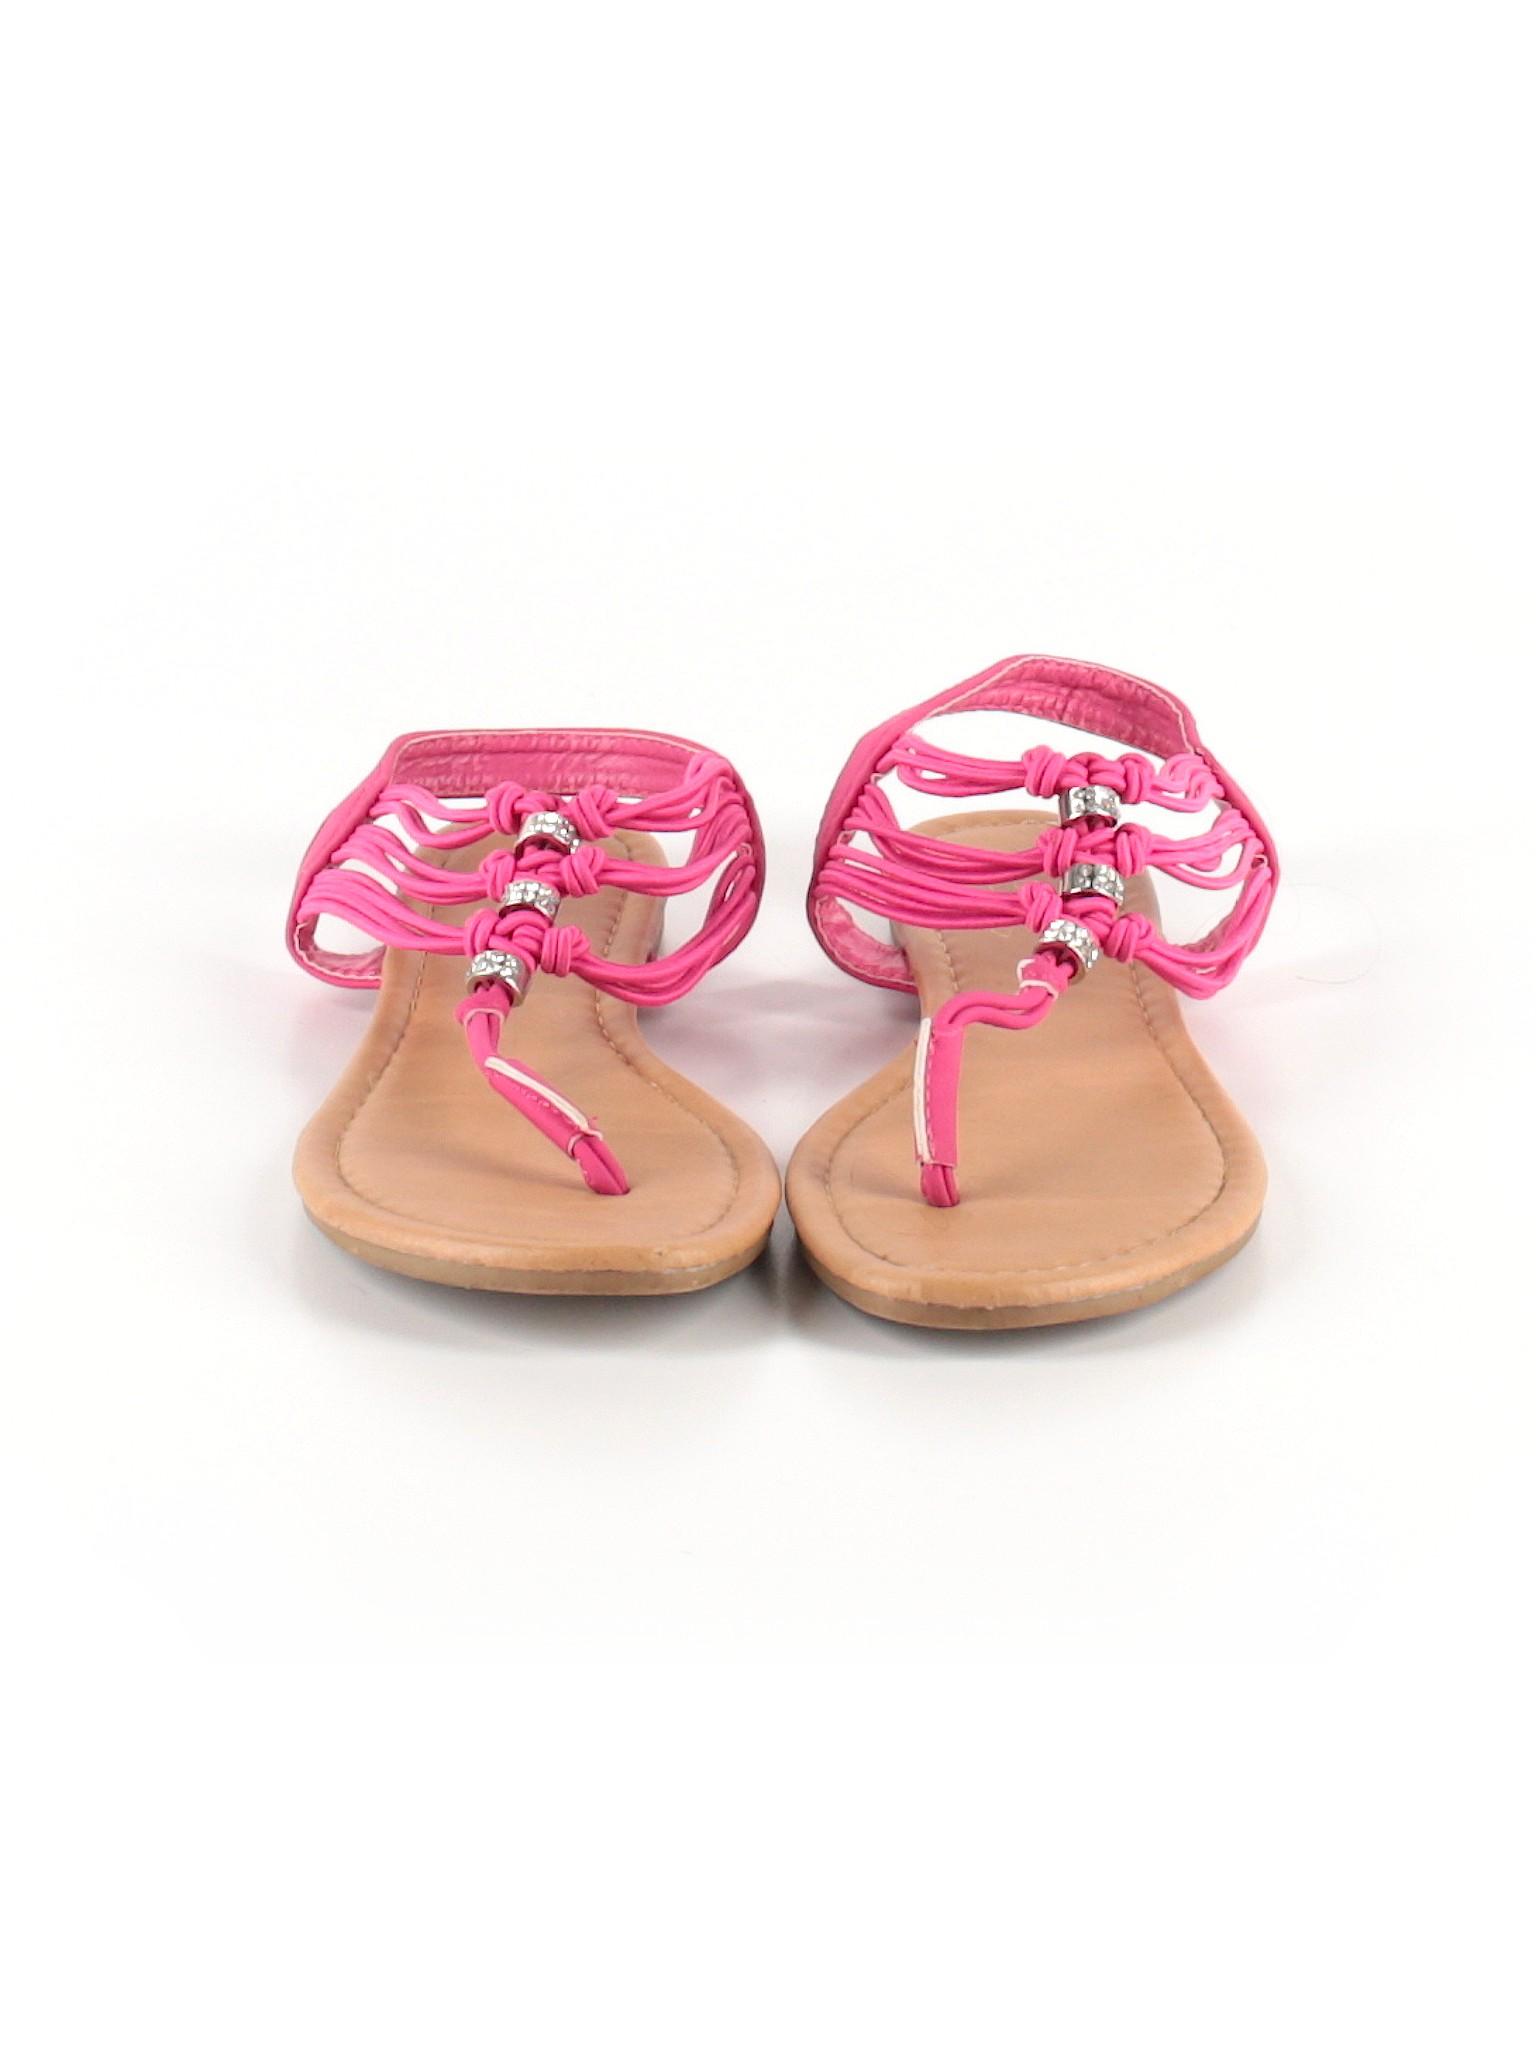 Glaze Glaze promotion Glaze Boutique Boutique Sandals Sandals promotion promotion Boutique qEWHI